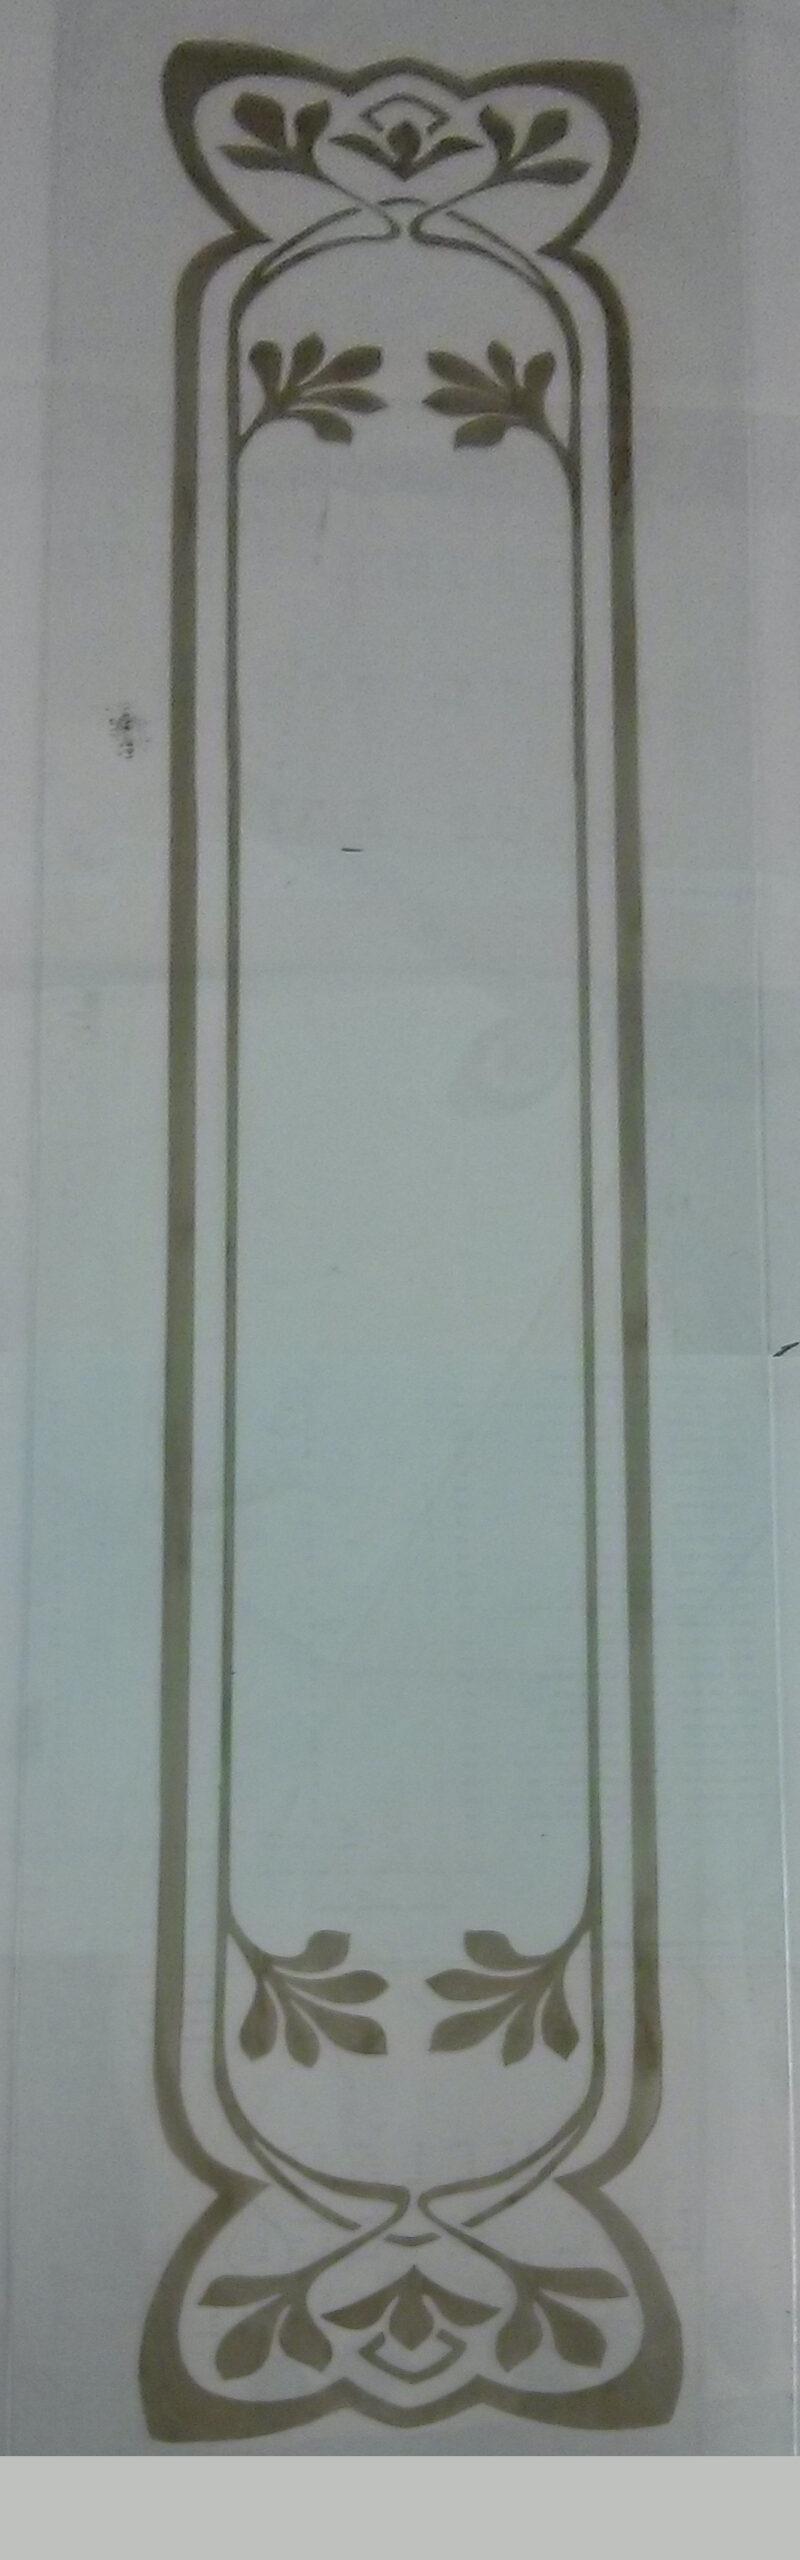 זכוכית עם התזת חול